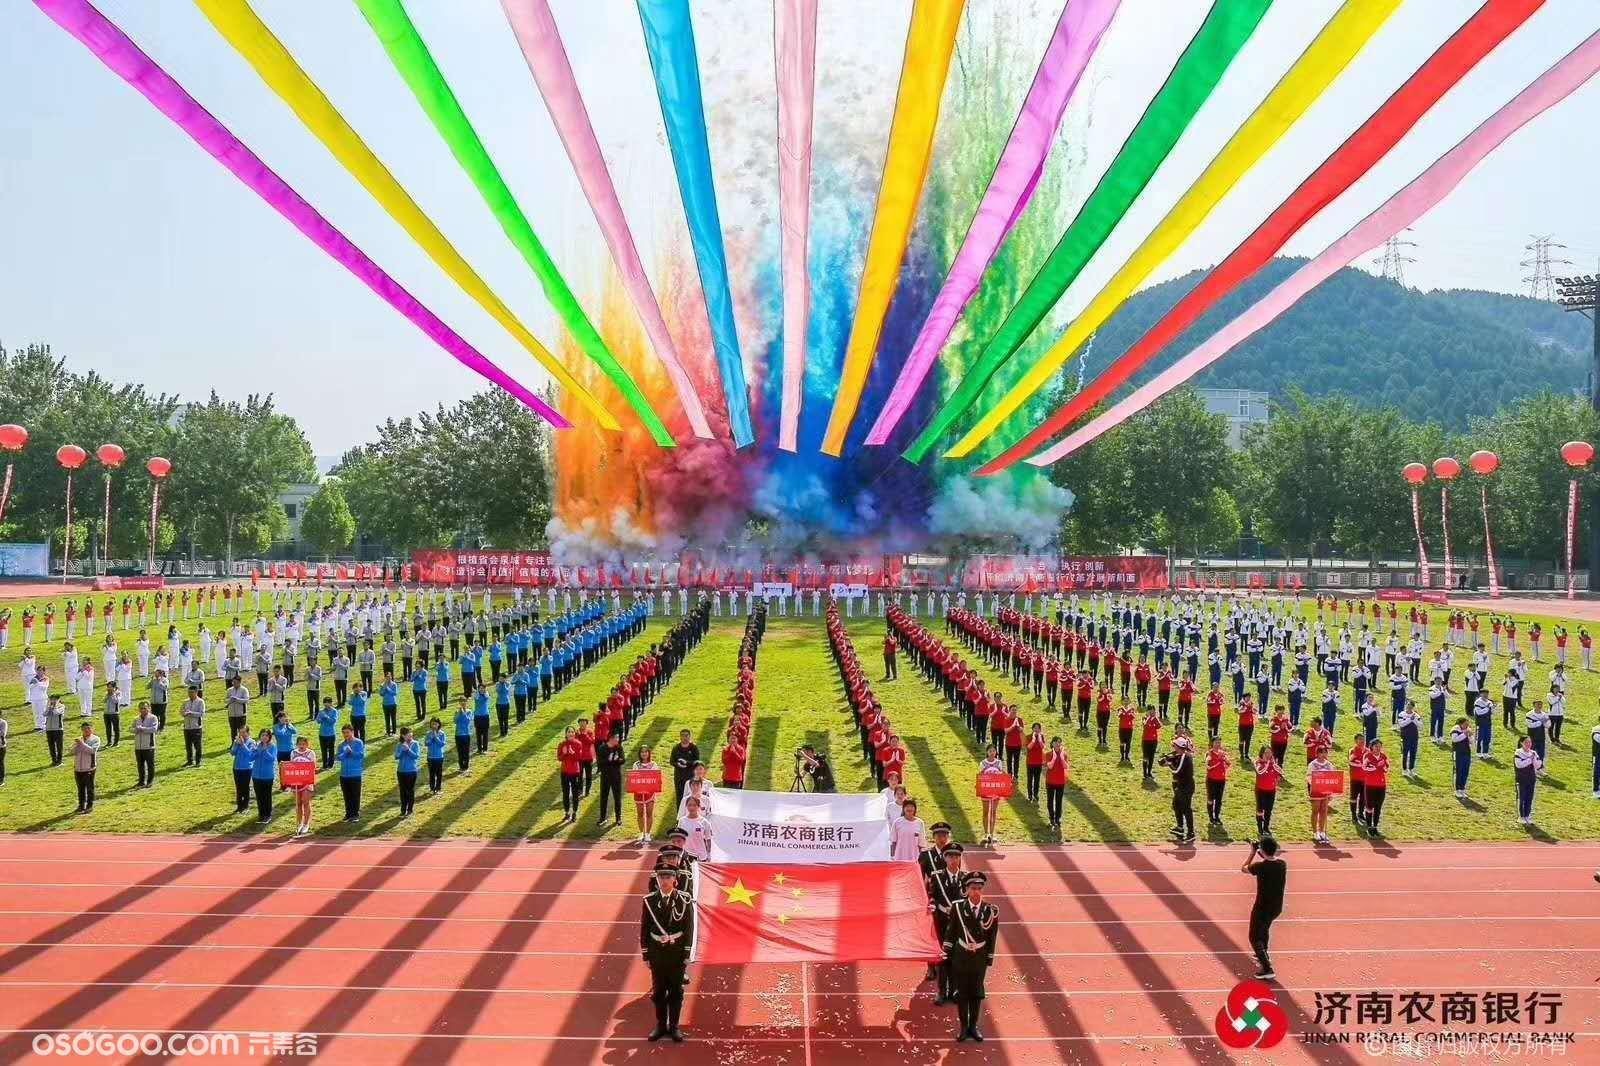 三门峡市大型开幕启动仪式 百米飞天彩布启动道具出租